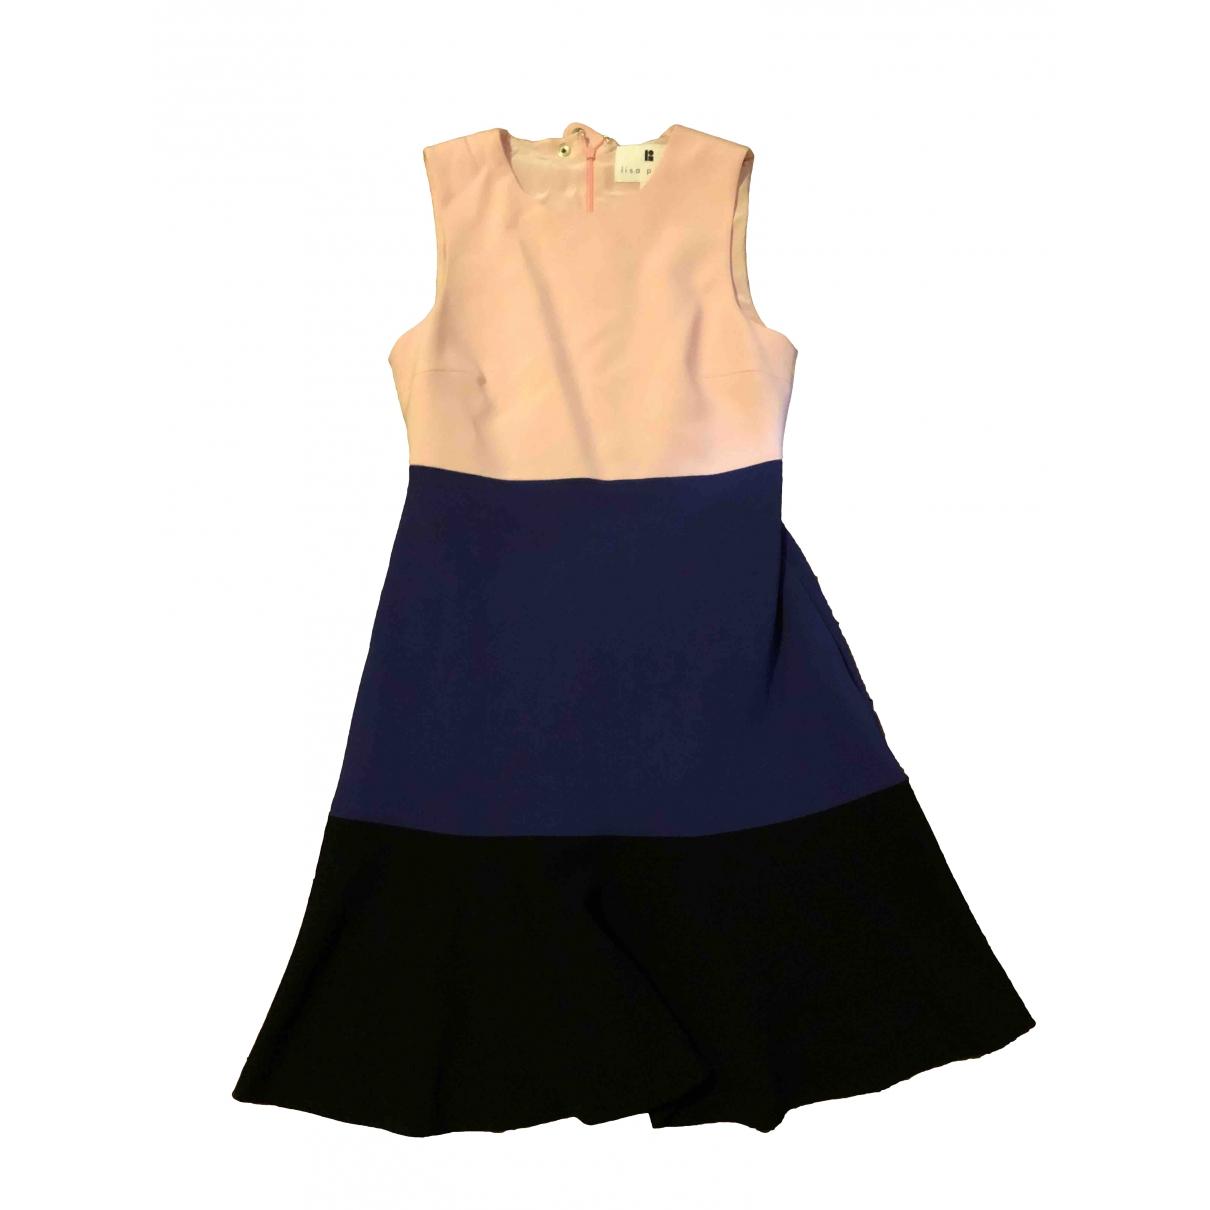 Lisa Perry \N Kleid in  Bunt Polyester